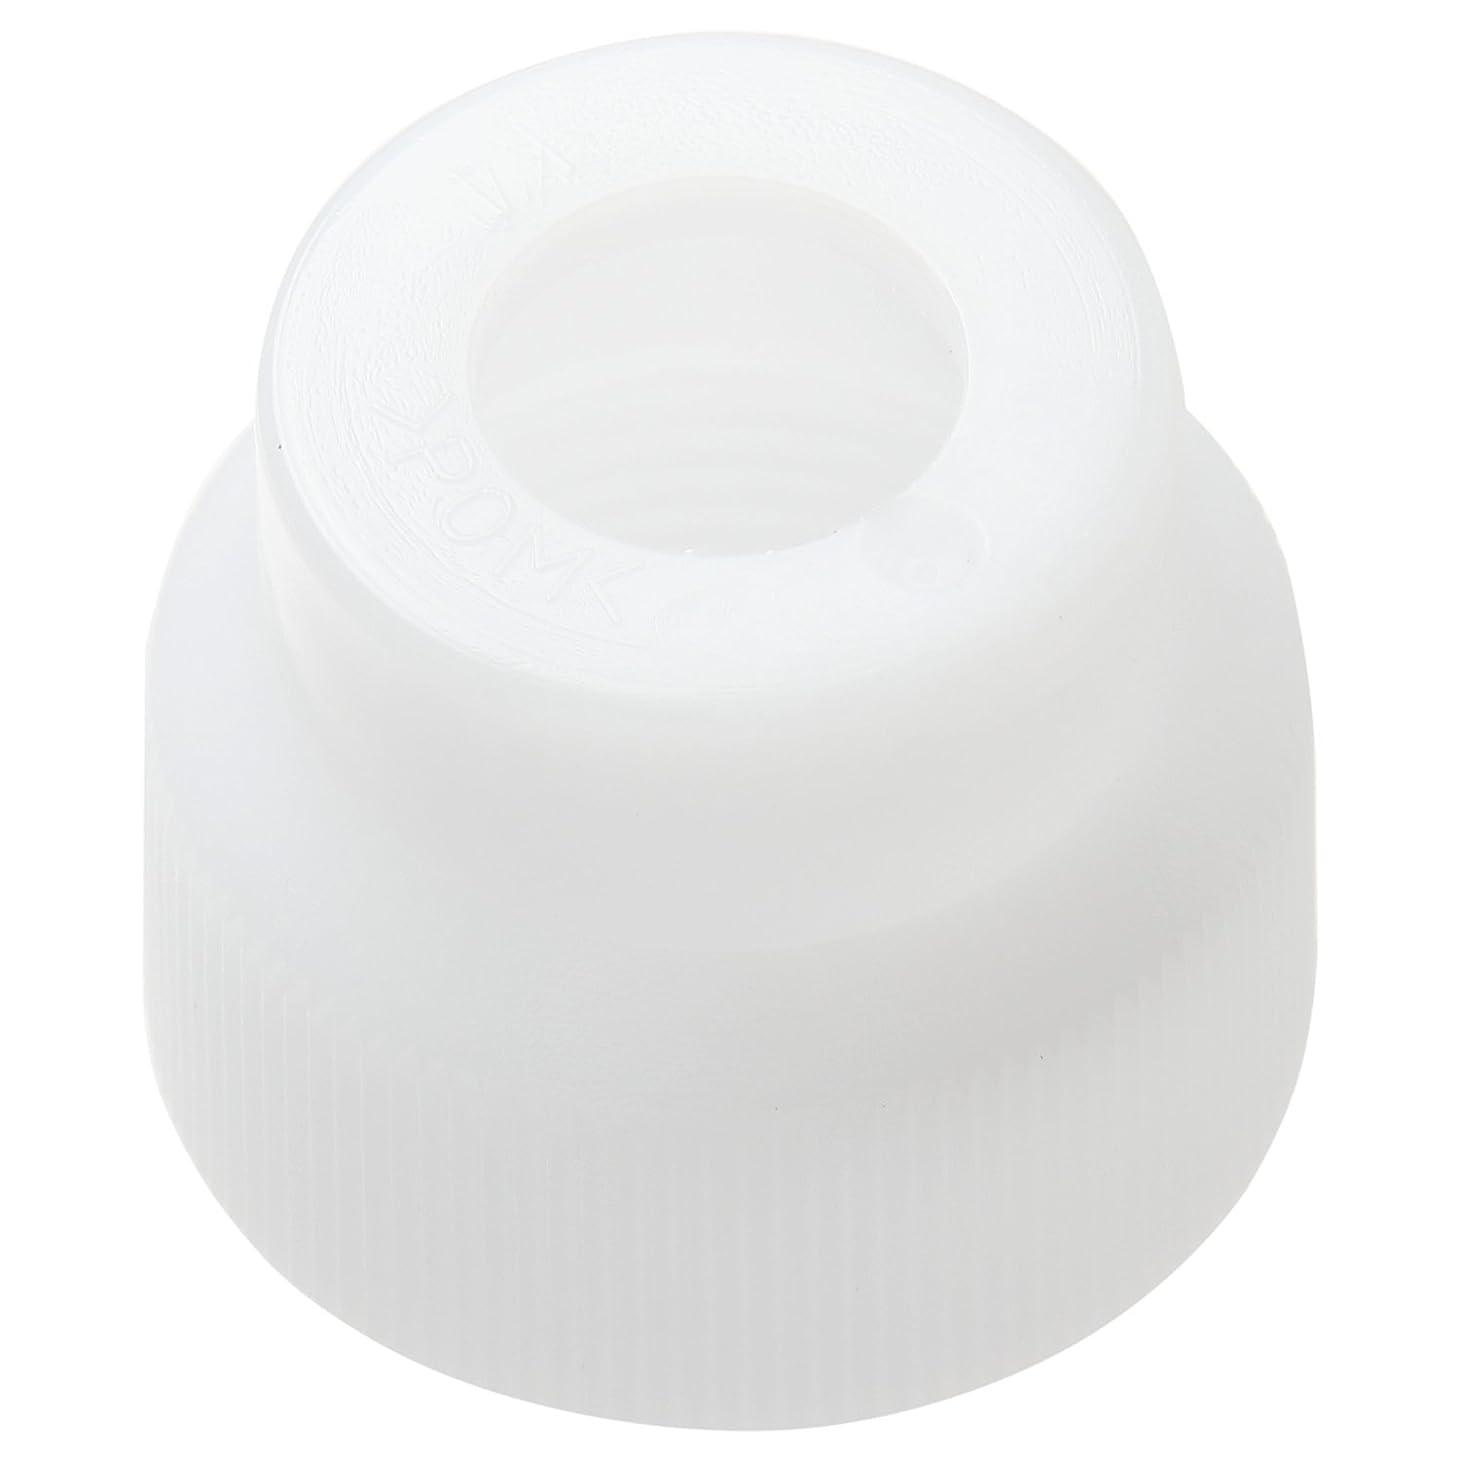 ルーム光コンプリートTOTO キックボックス袋ナット TH92444R